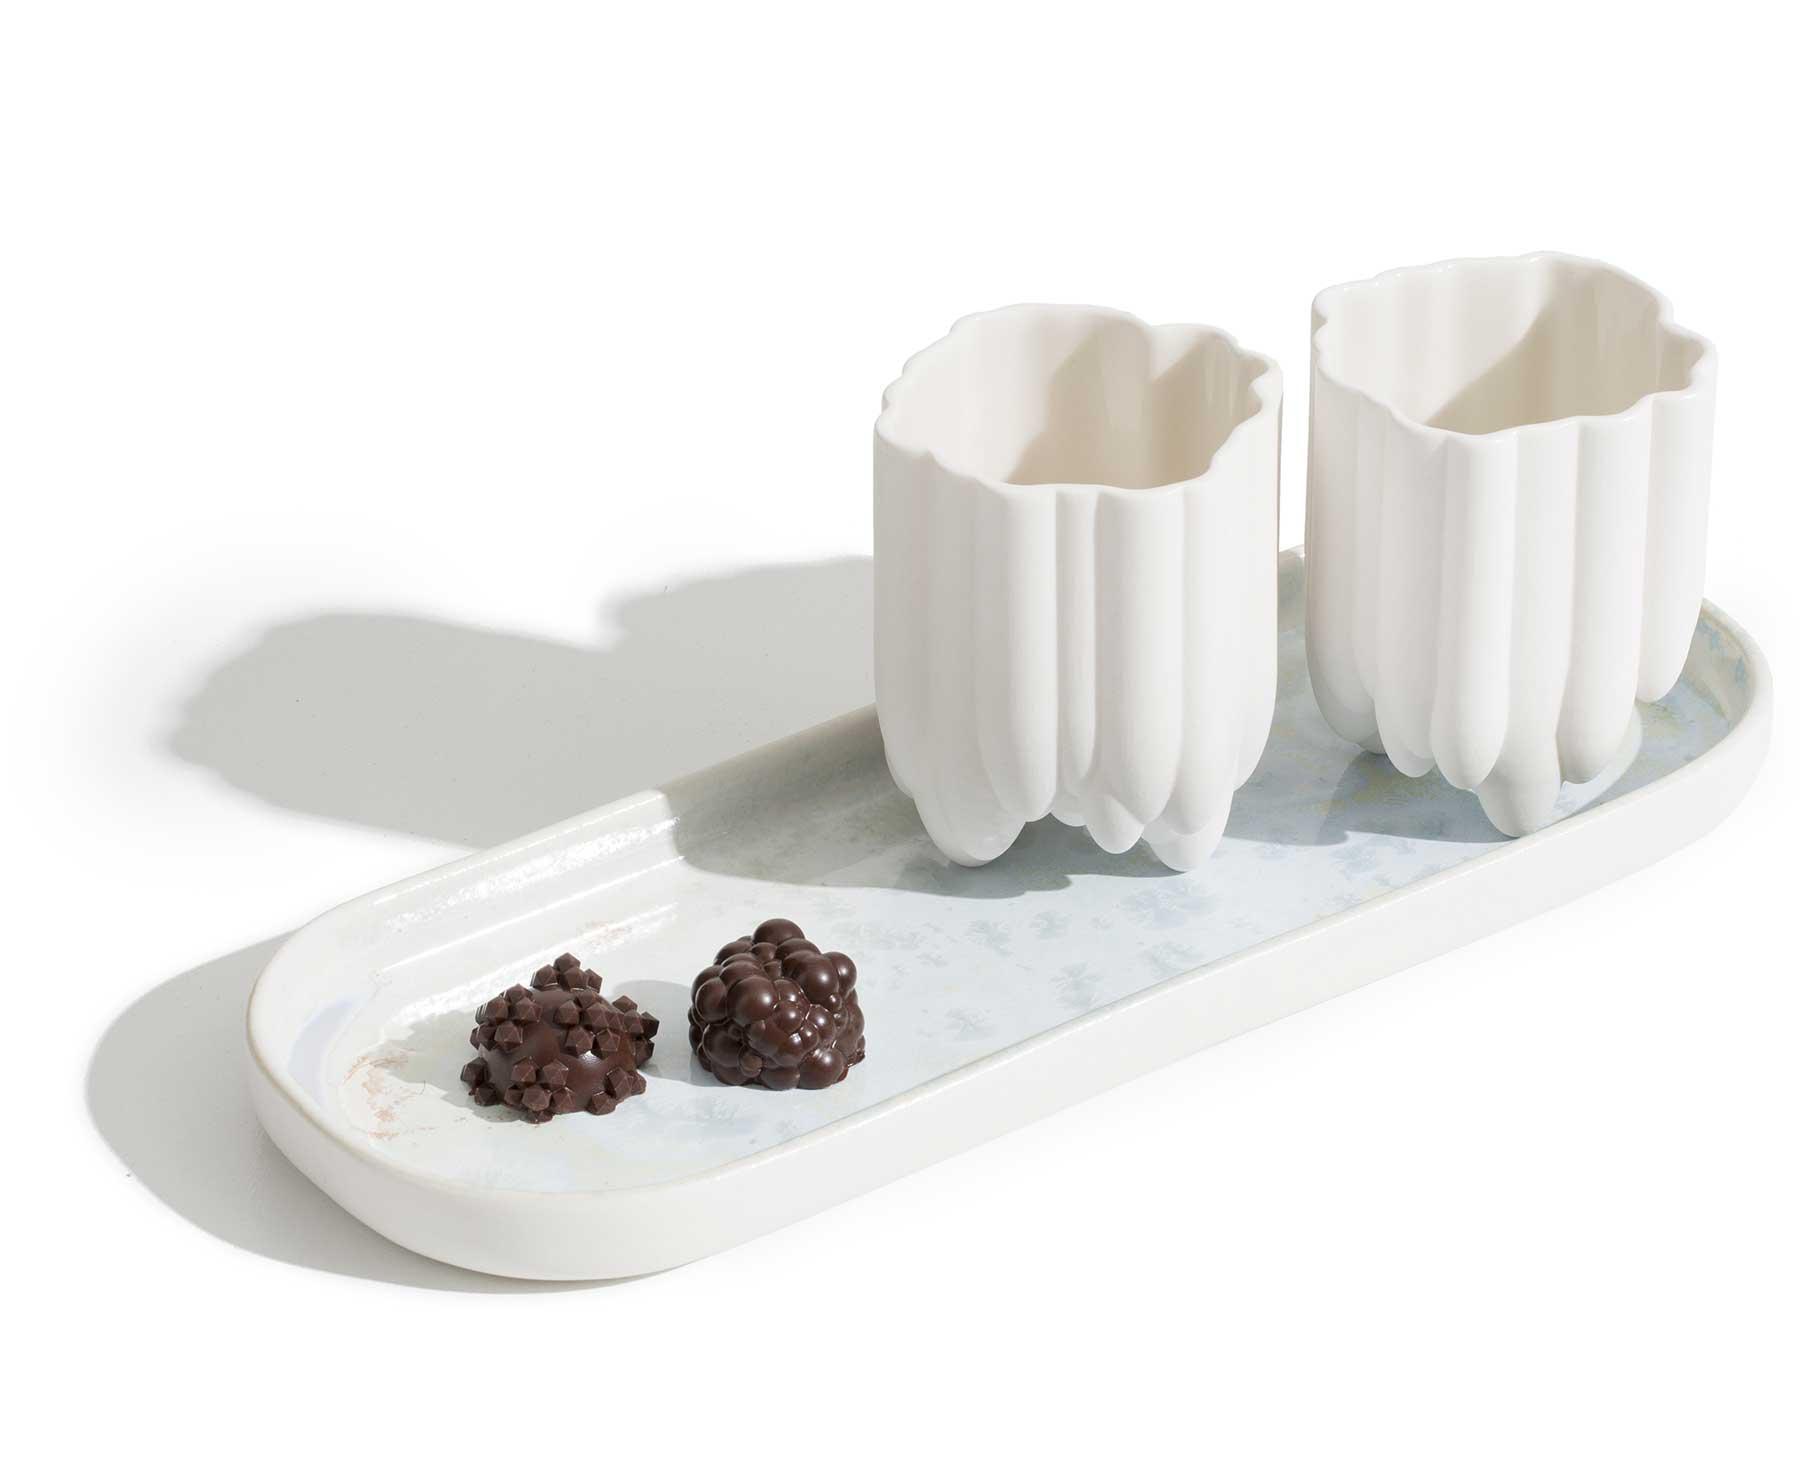 3D-gedruckte Schokoladen-Miniaturskulpturen 3d-gedruckte-schokolade-Ryan-L-Foote_05